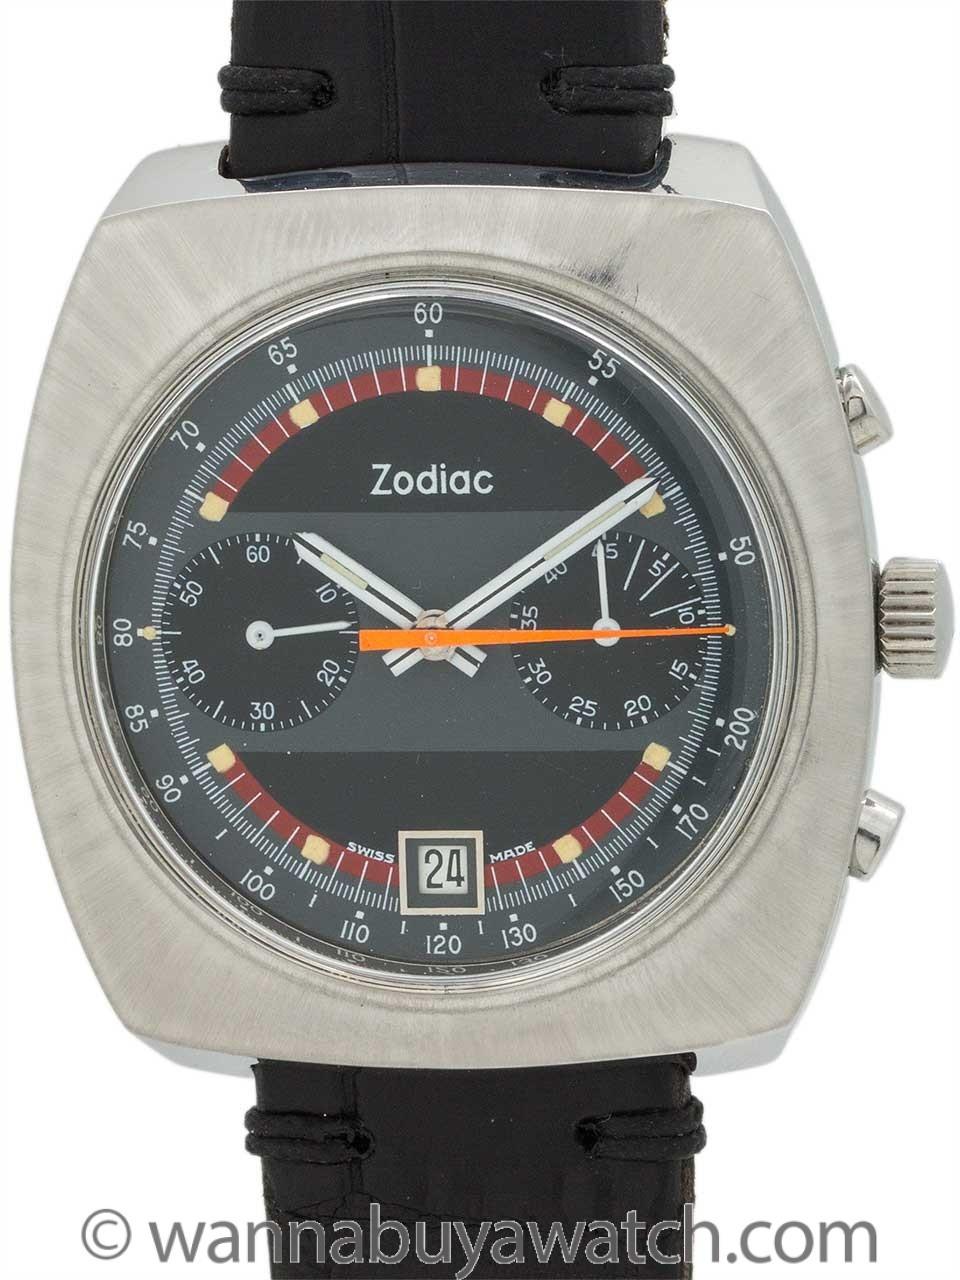 Zodiac Chronograph Oversize circa 1970's